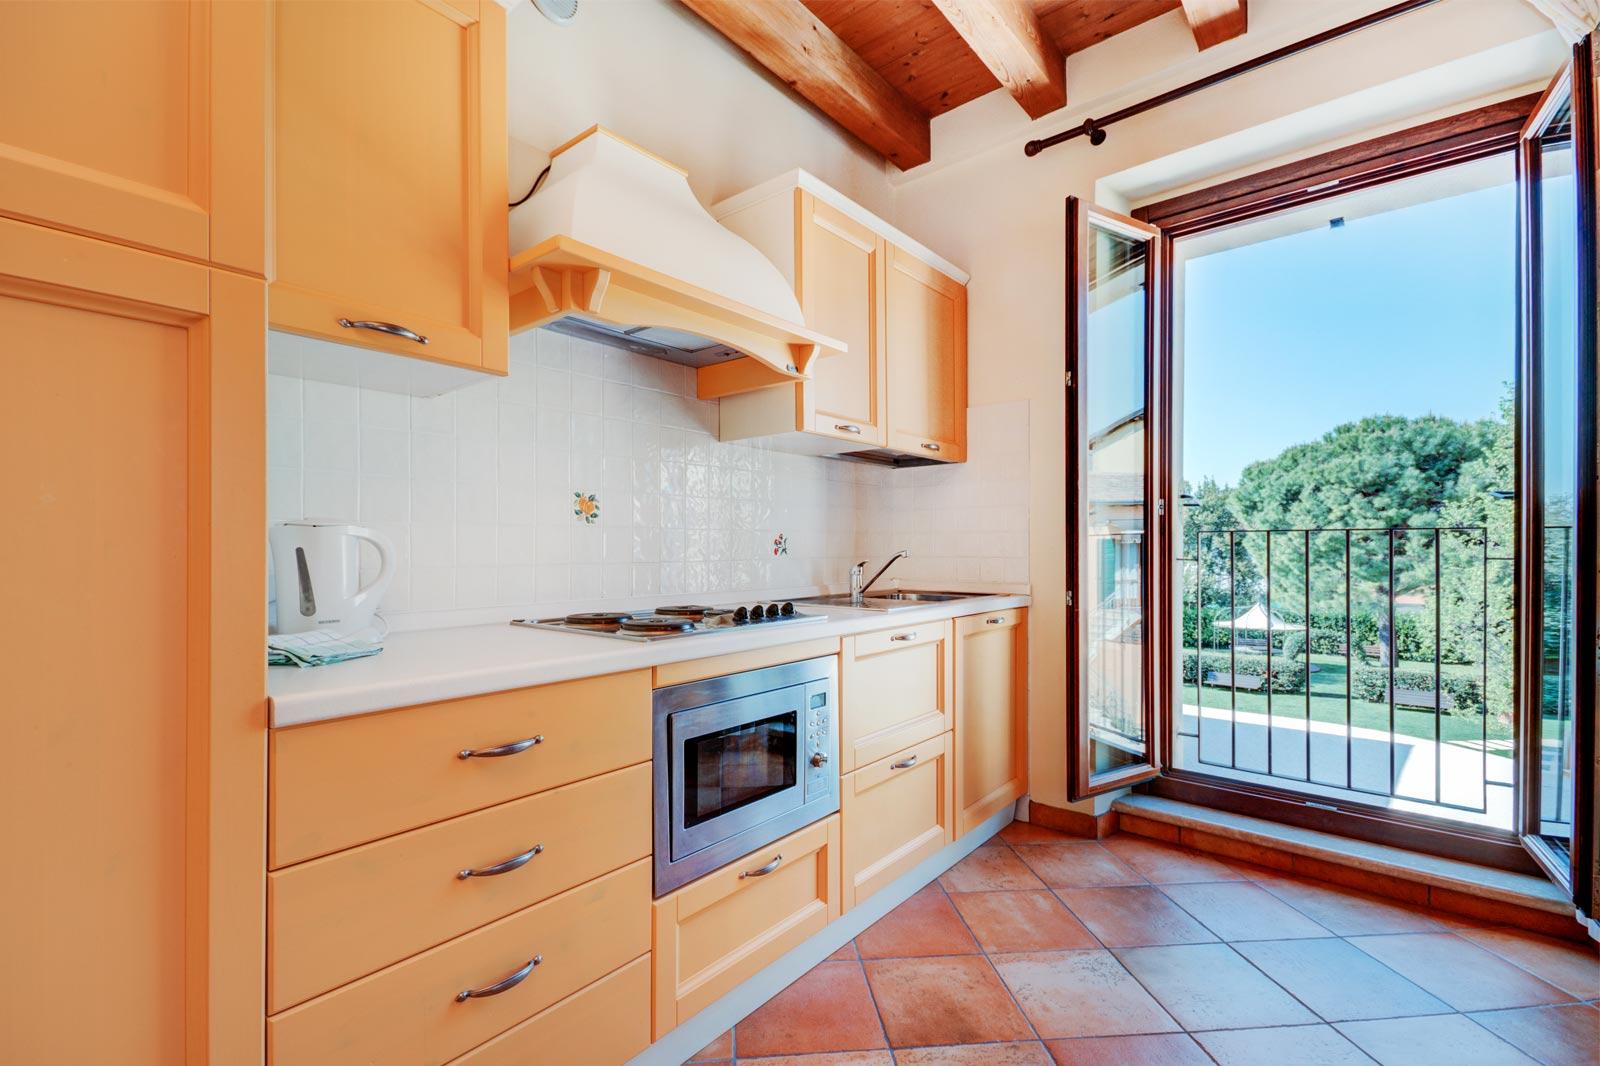 ein zimmer wohnung wohnungen agriturismo la filanda am gardasee italien. Black Bedroom Furniture Sets. Home Design Ideas